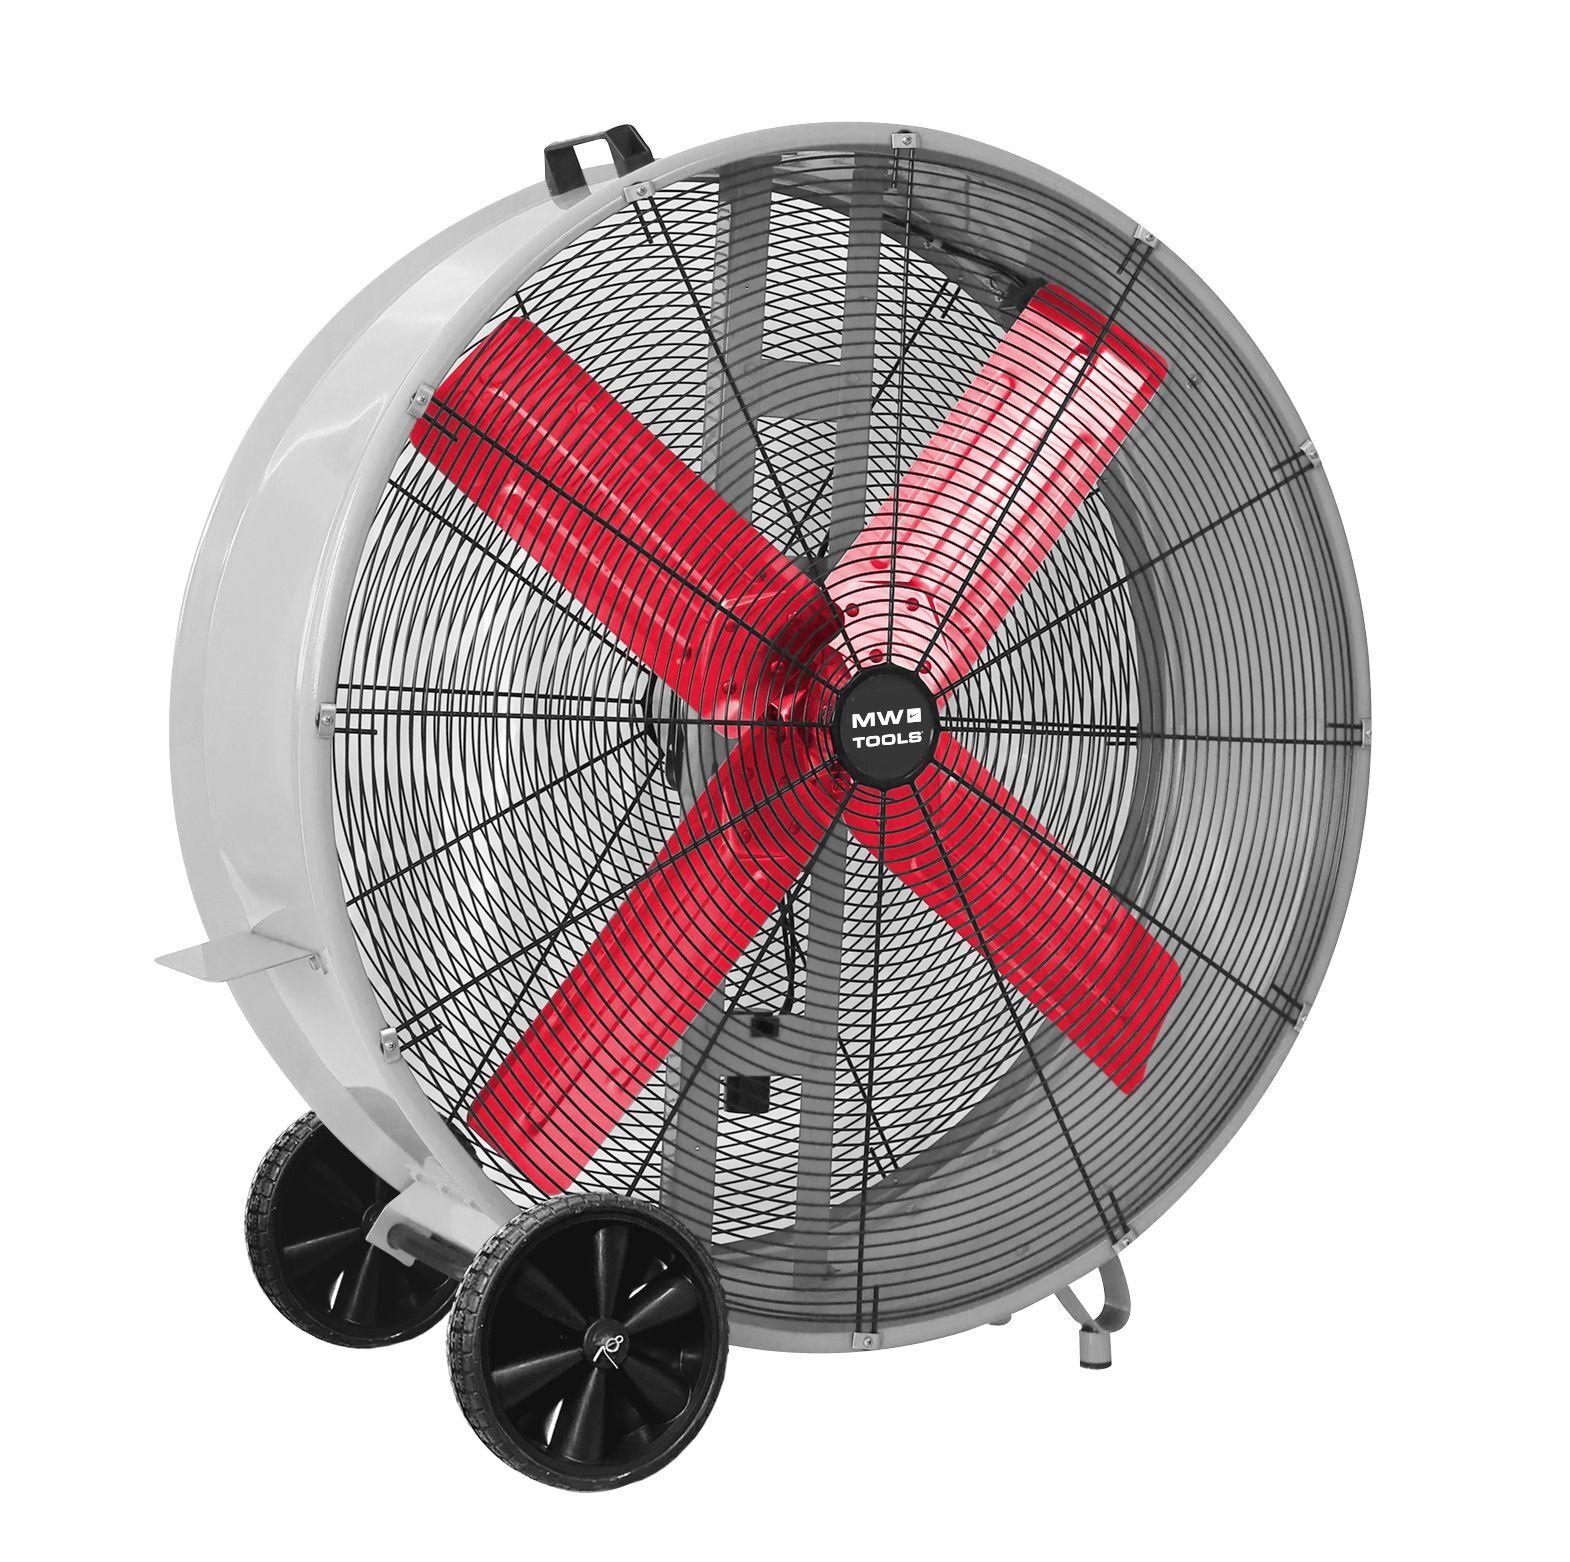 Mw-tools Grand ventilateur brasseur d'air mobile ø 900 mm - 380 W MW-Tools MV900L